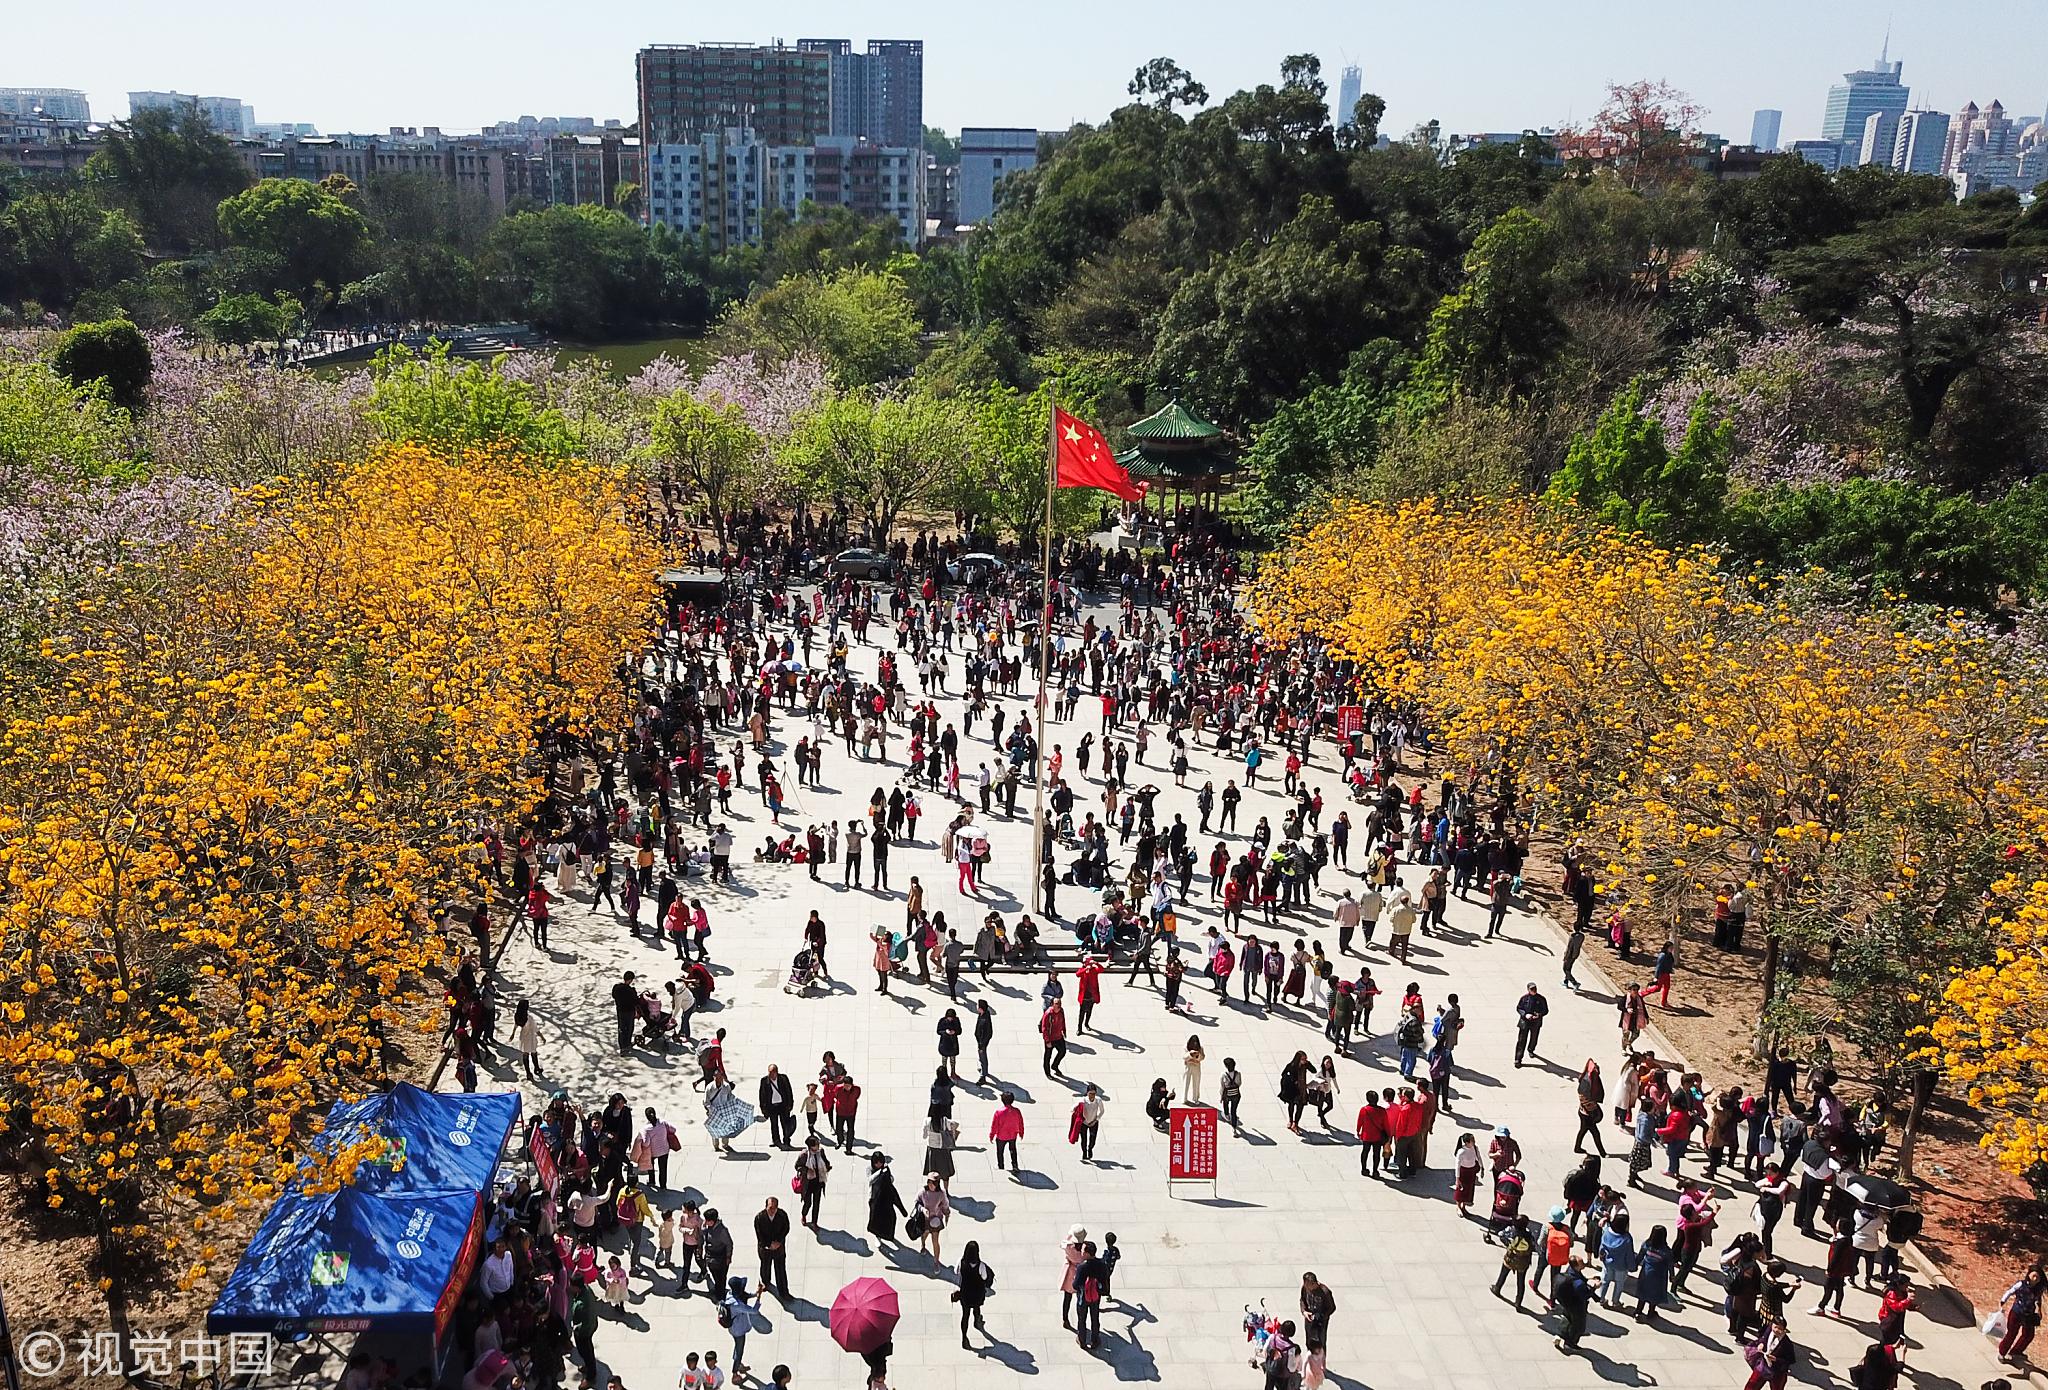 晴天加周末 超10万人涌入华南农业大学赏花!!! - 周公乐 - xinhua8848 的博客